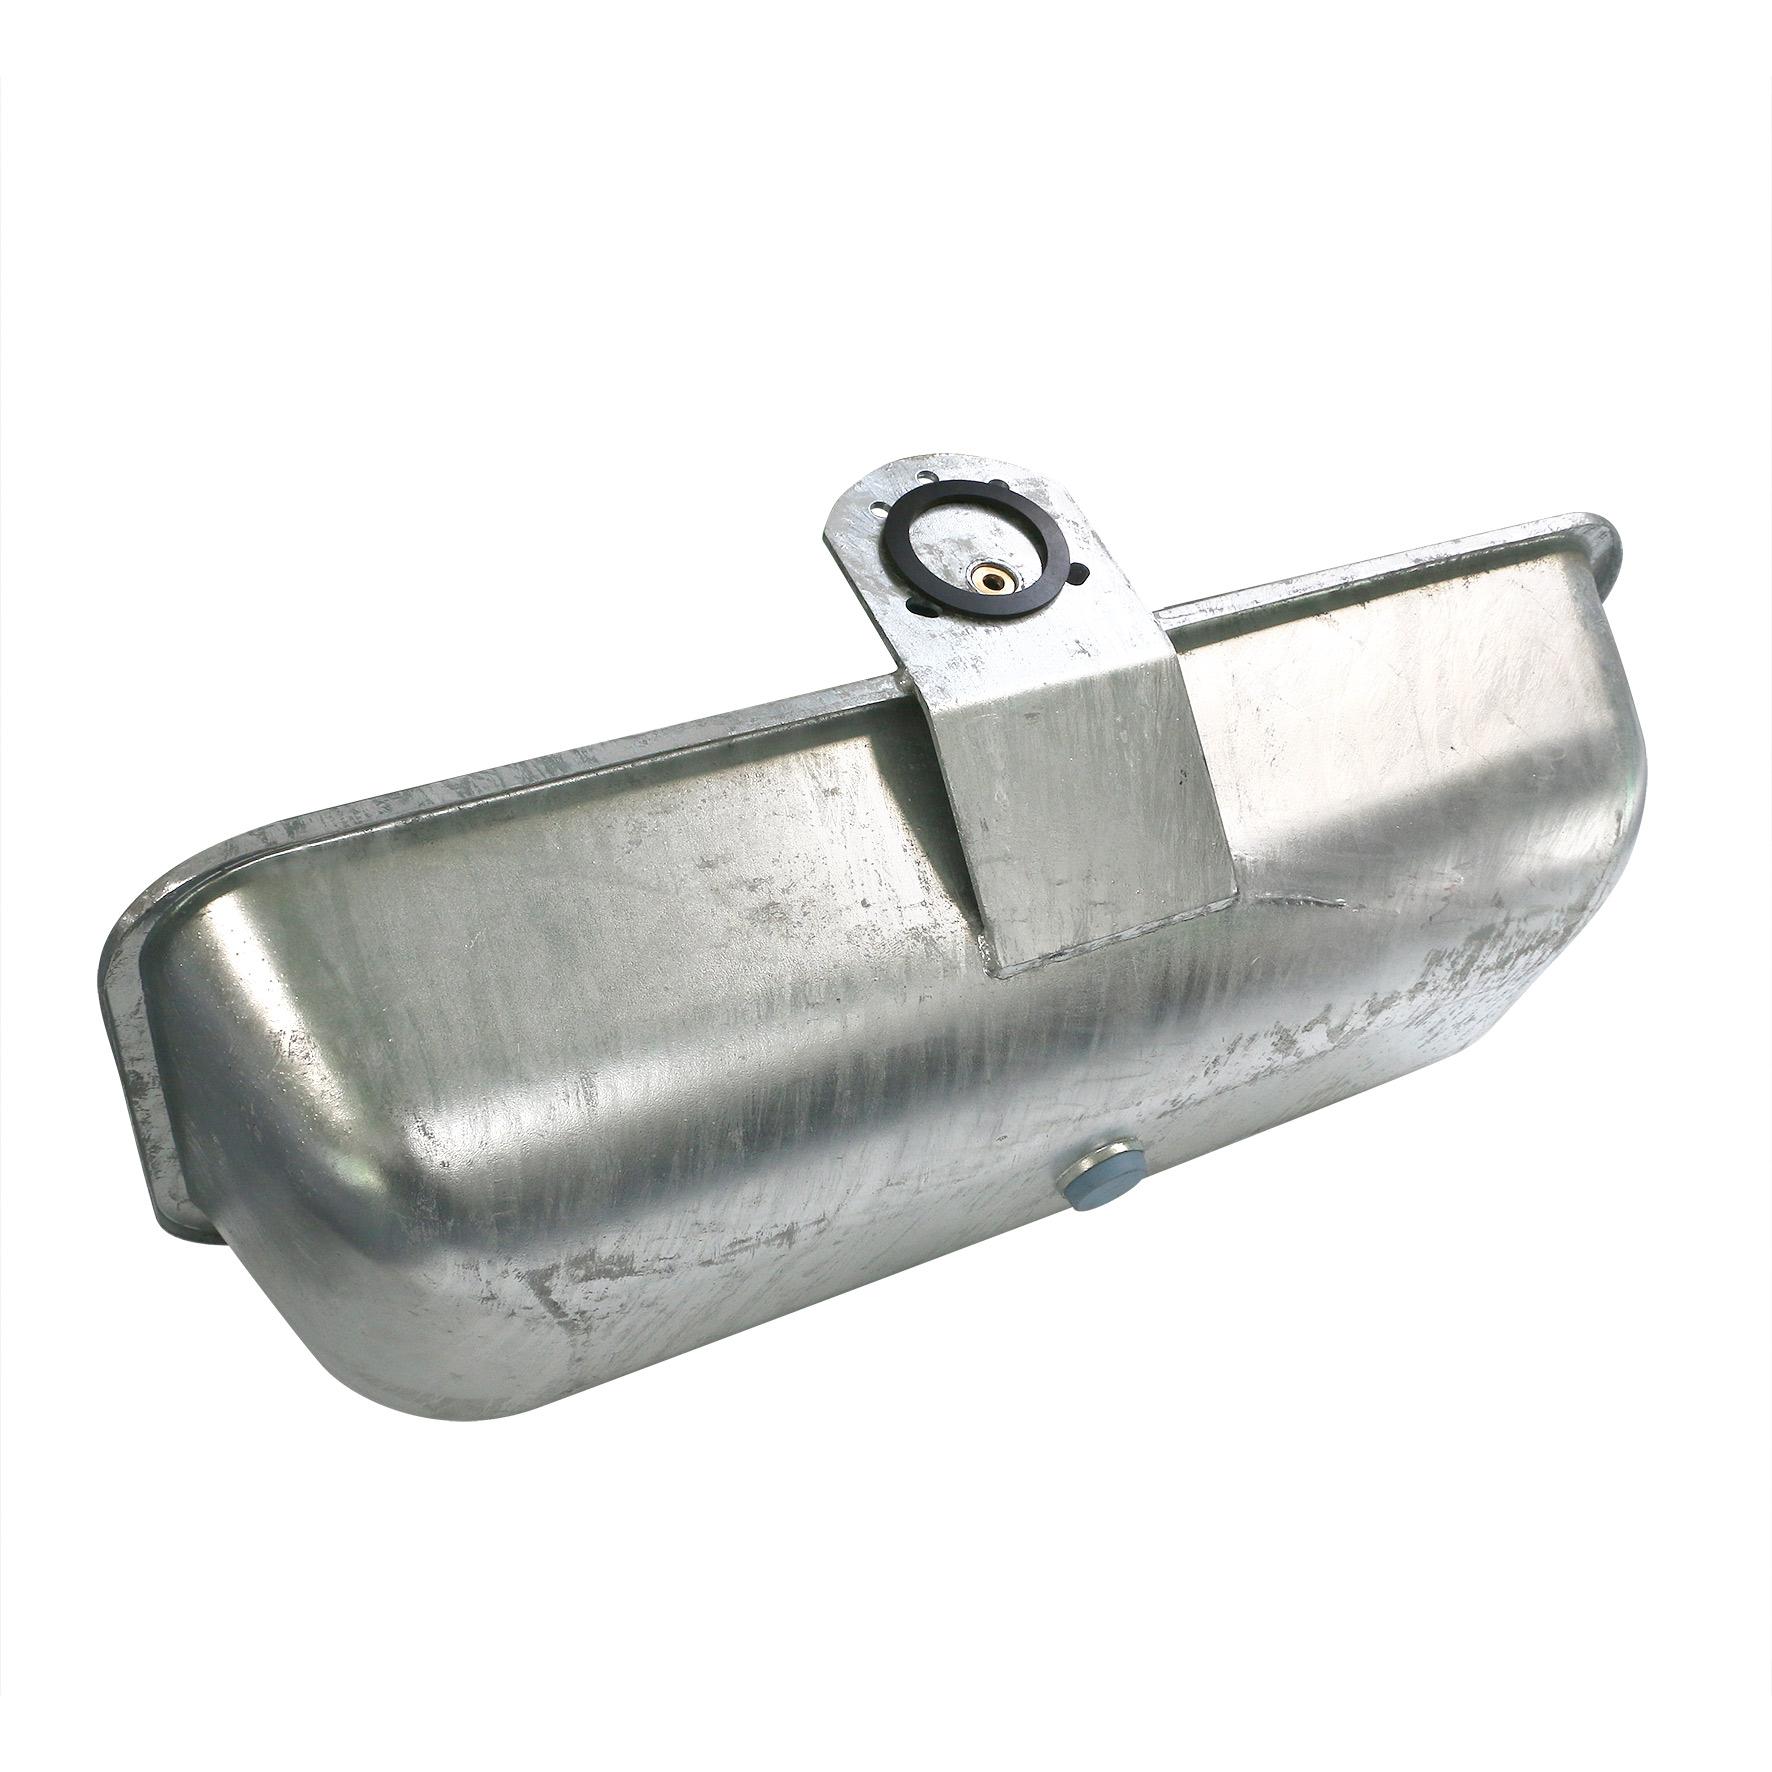 GALVALAC 65 T Abreuvoir double pour tonne à eau